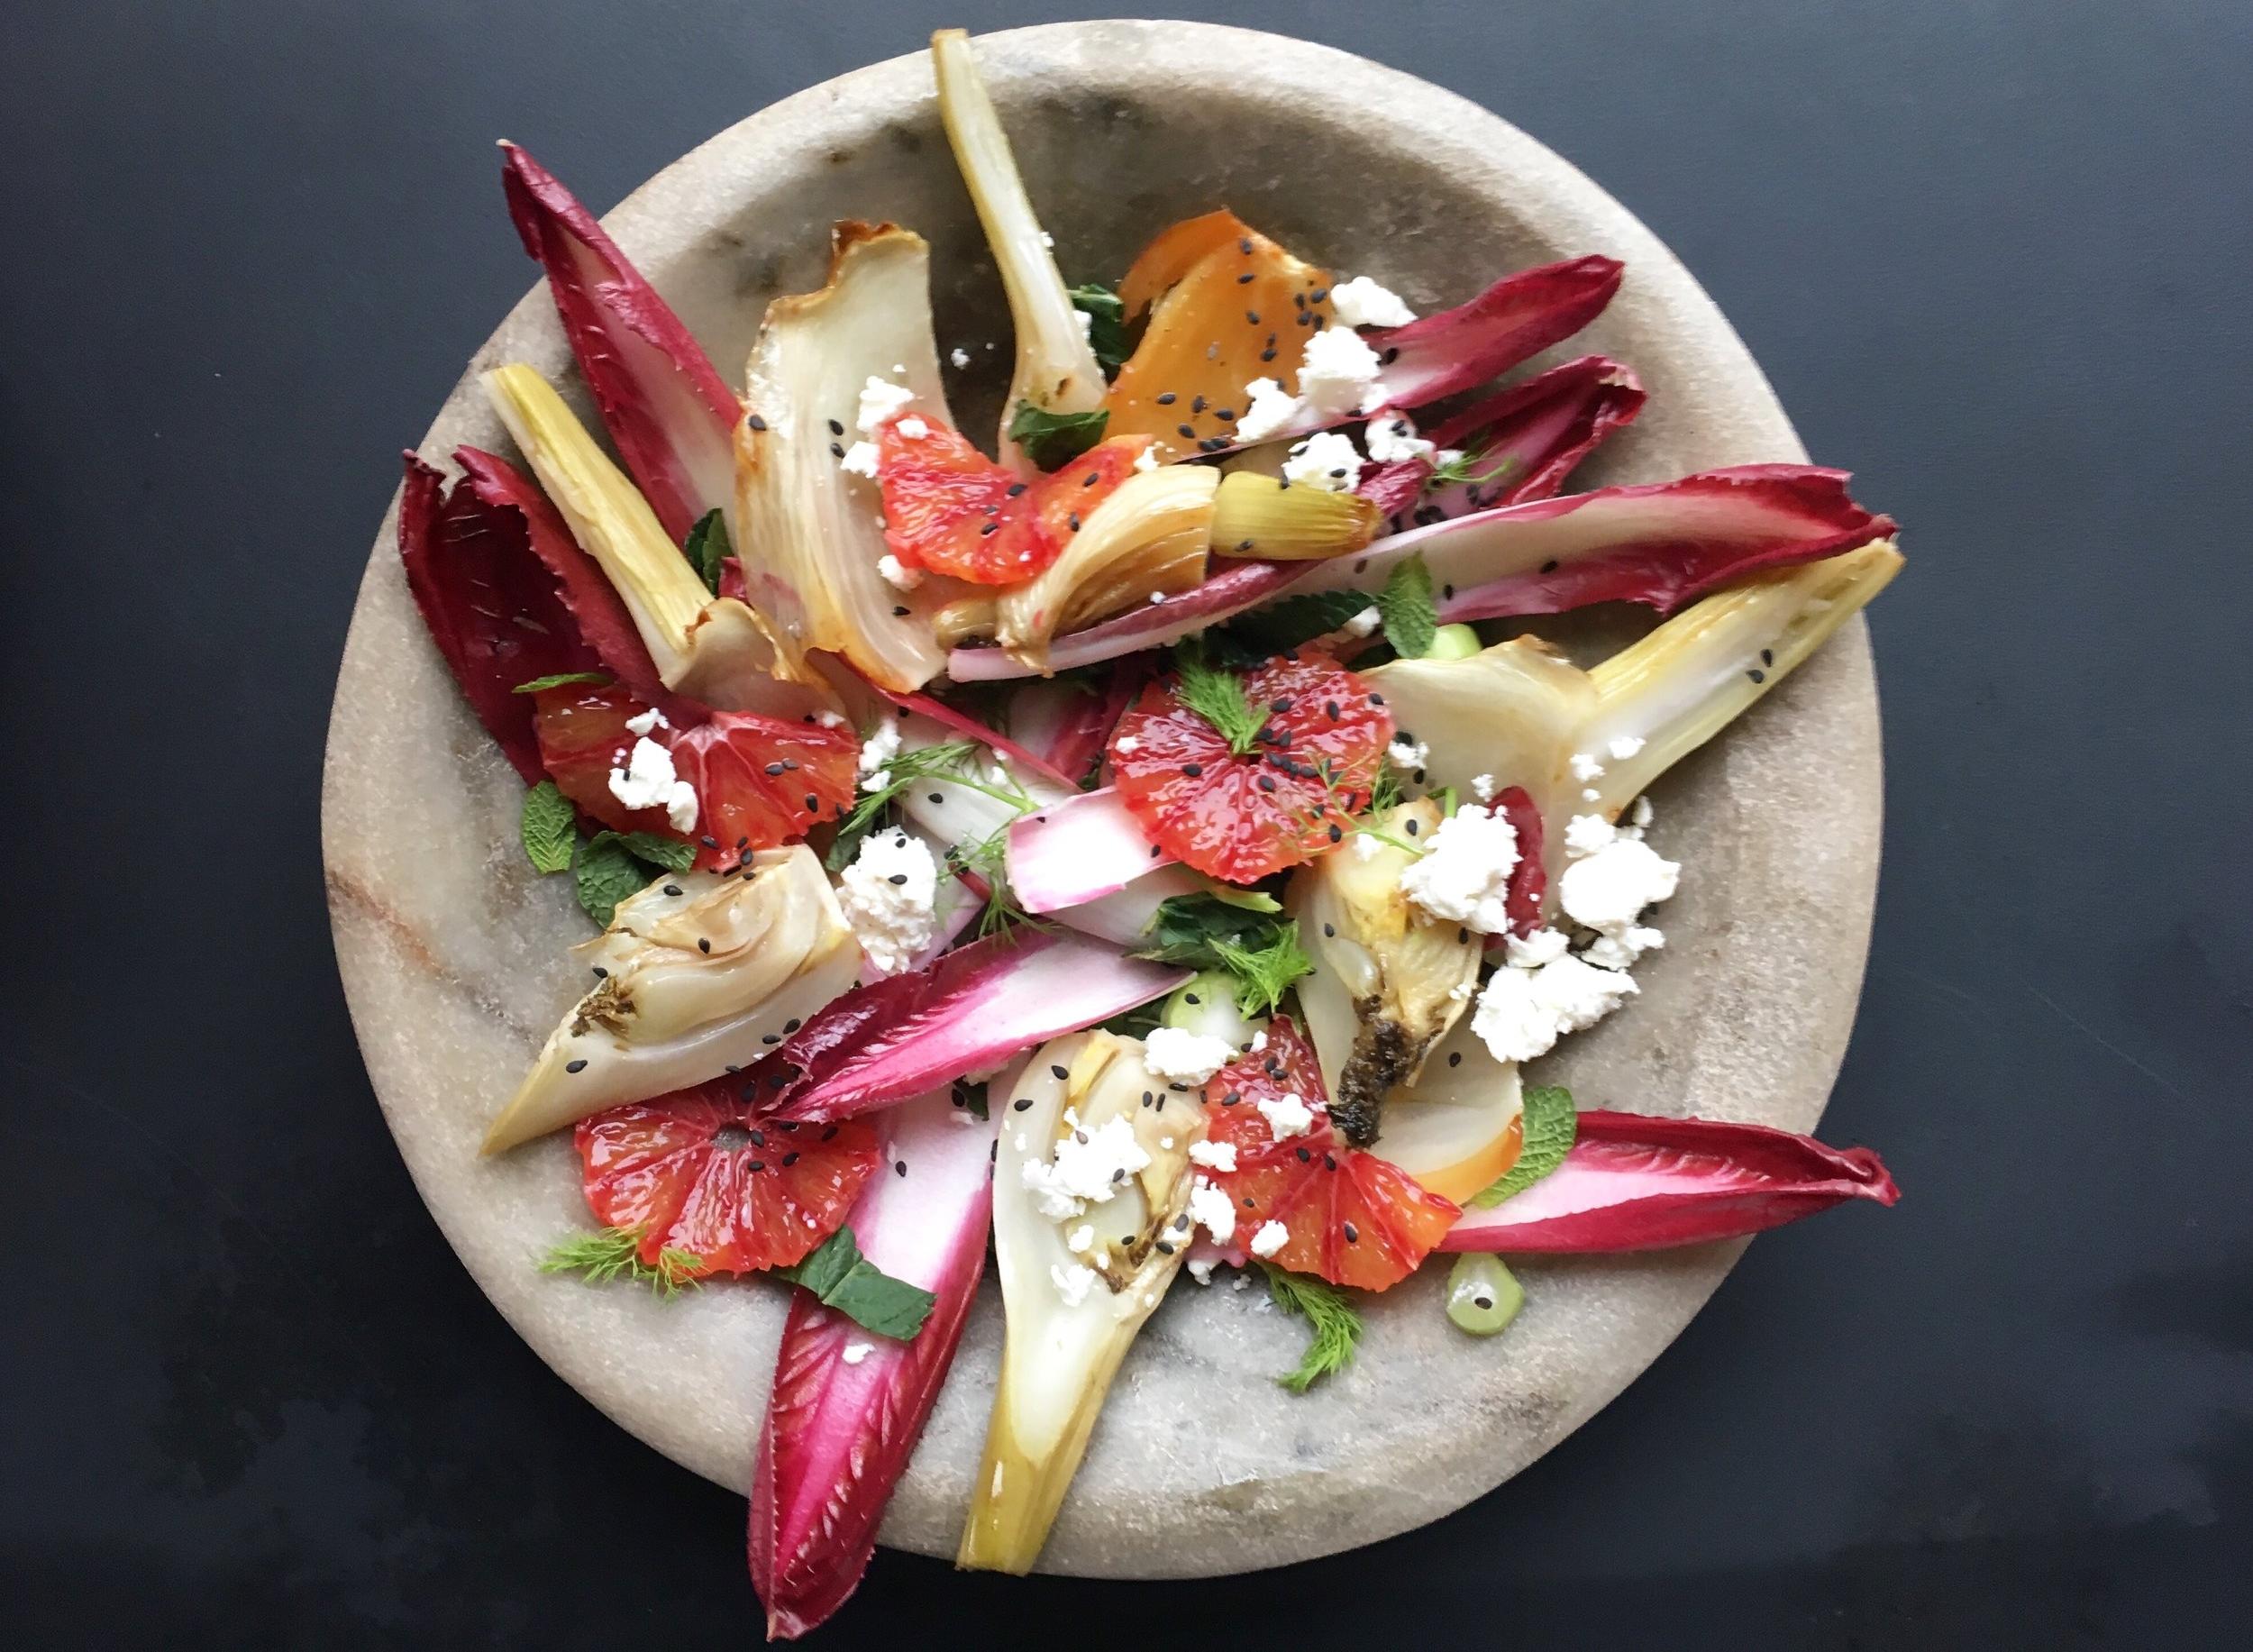 Roasted fennel, blood orange and feta salad